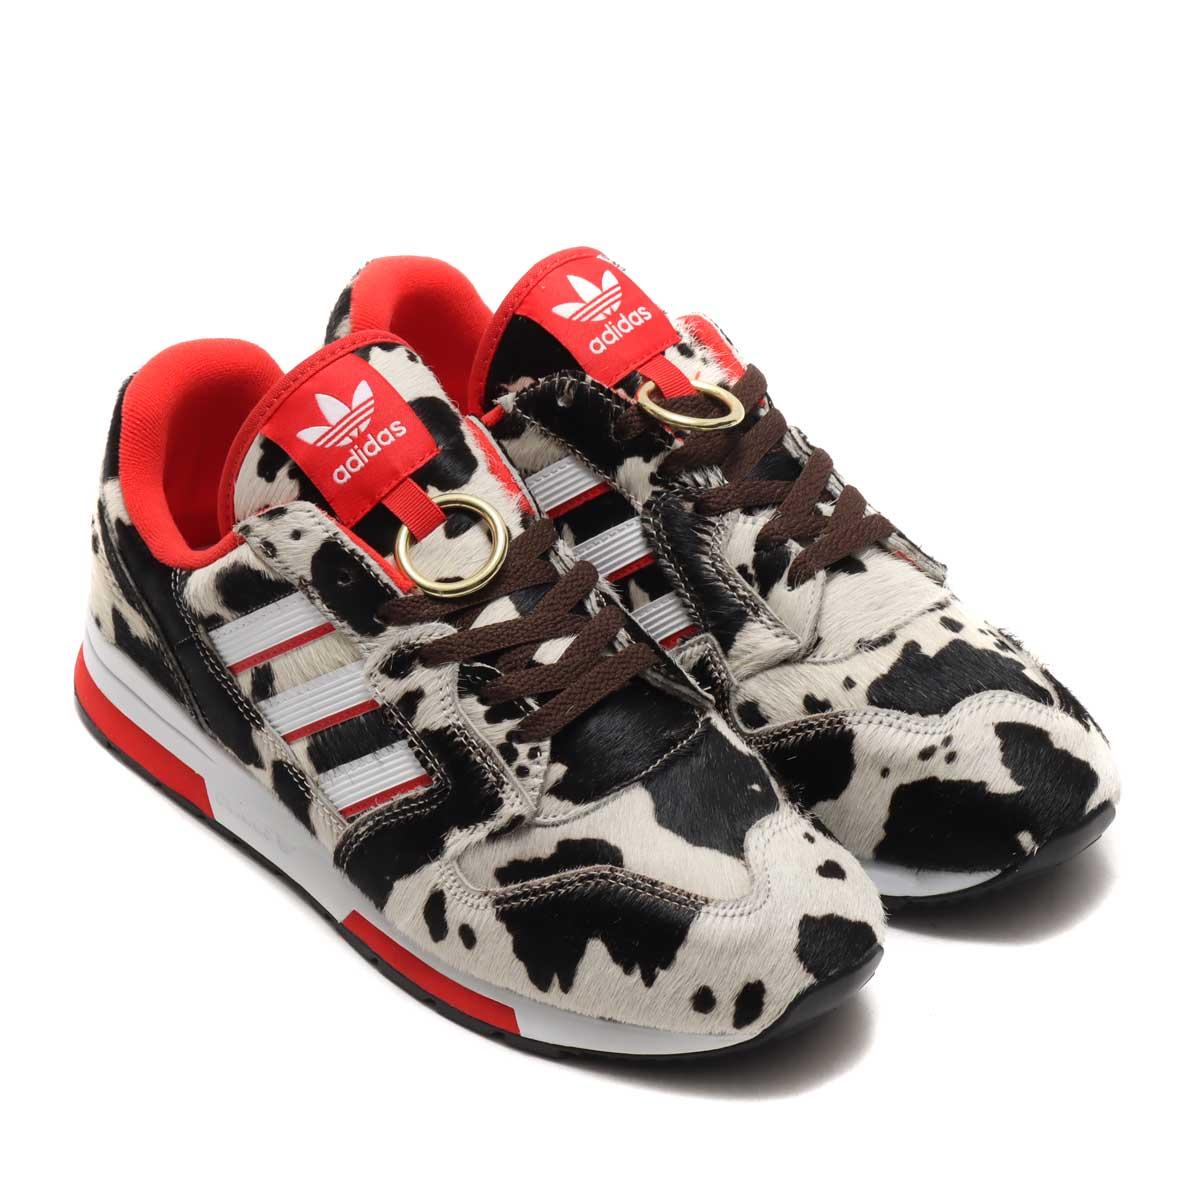 メンズ靴, スニーカー adidas ZX 420 CHINESE NEW YEAR 2021( ZX 420 2021)FOOTWEAR WHITERUSH REDCORE BLACK 21SS-I